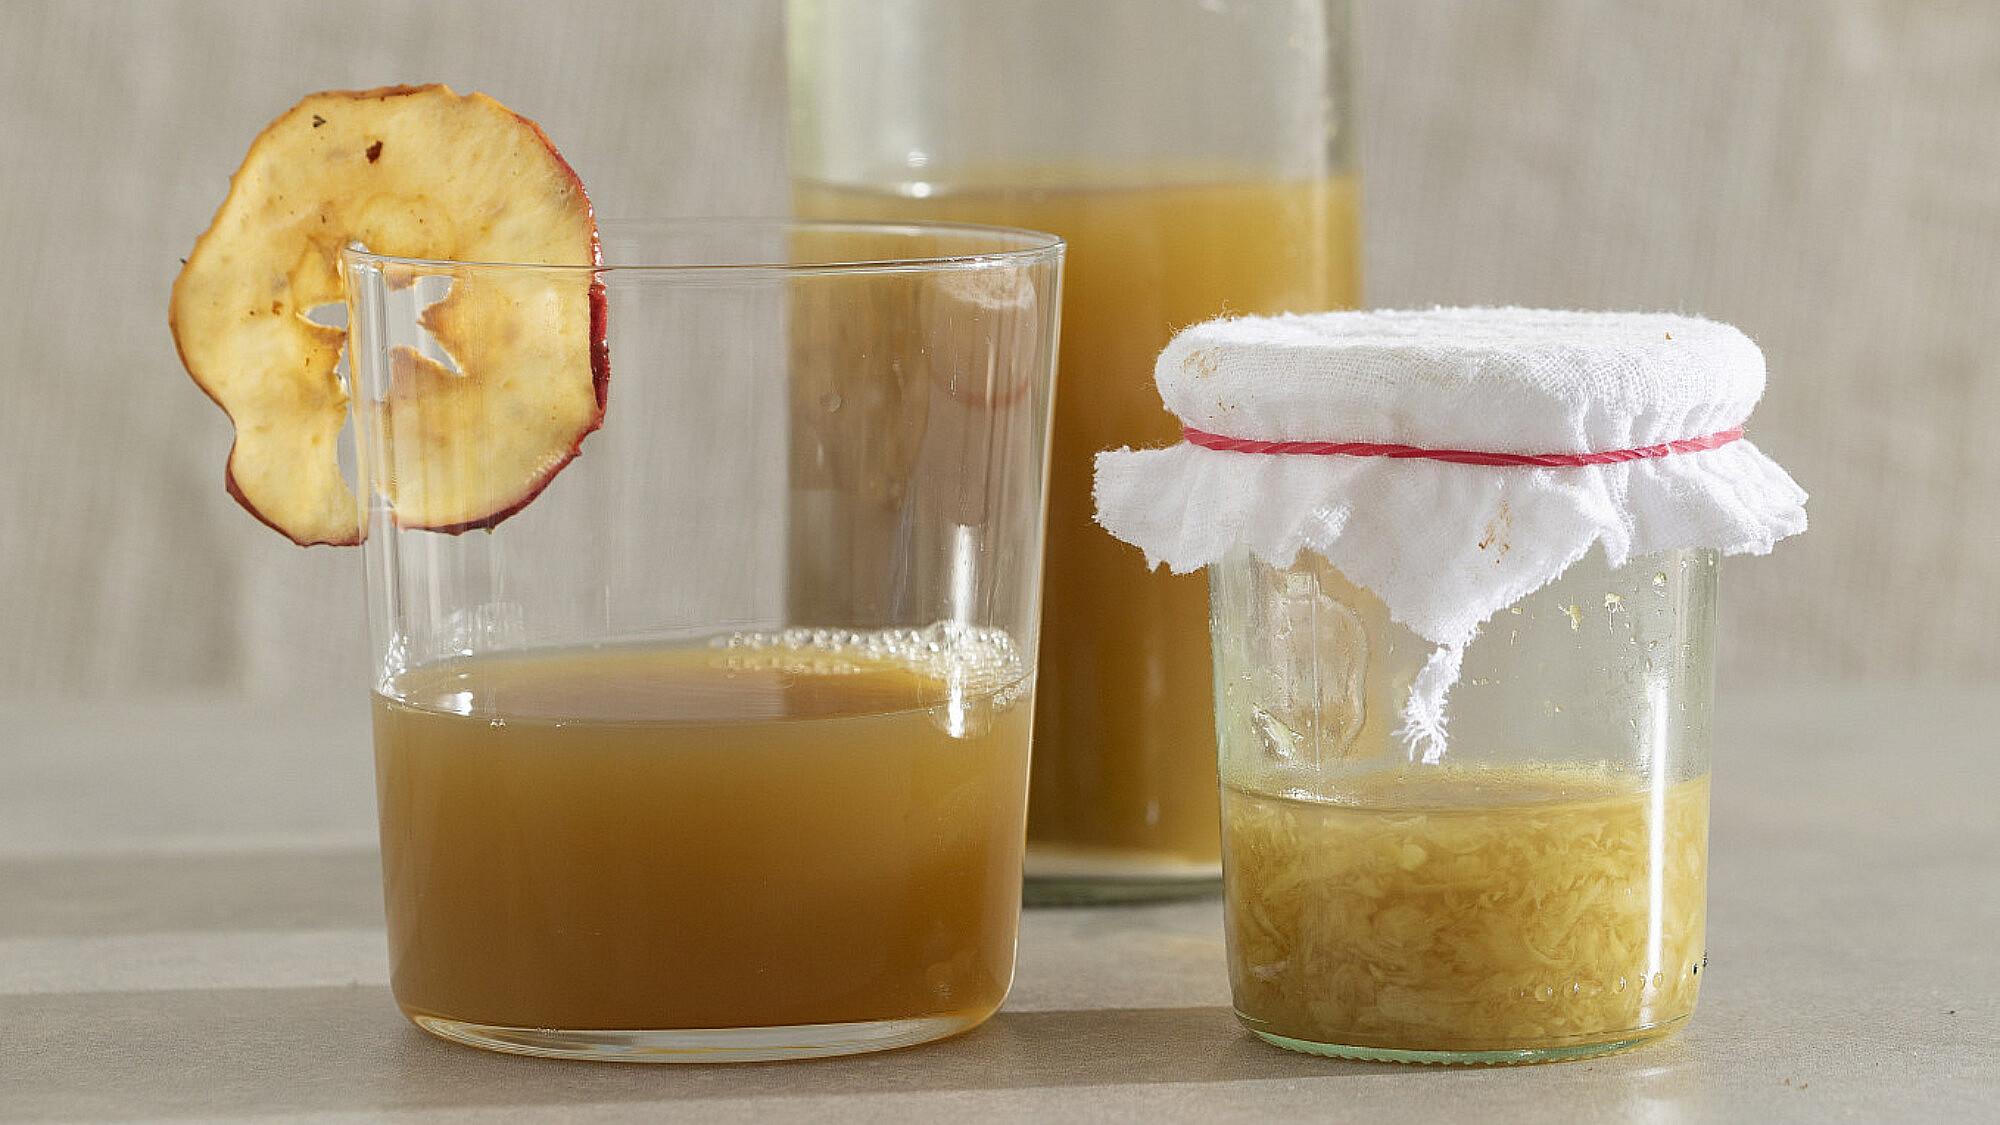 משקה ג'ינג'ר ותפוחים מותססים של רינת צדוק. צילום: דניאל לילה.